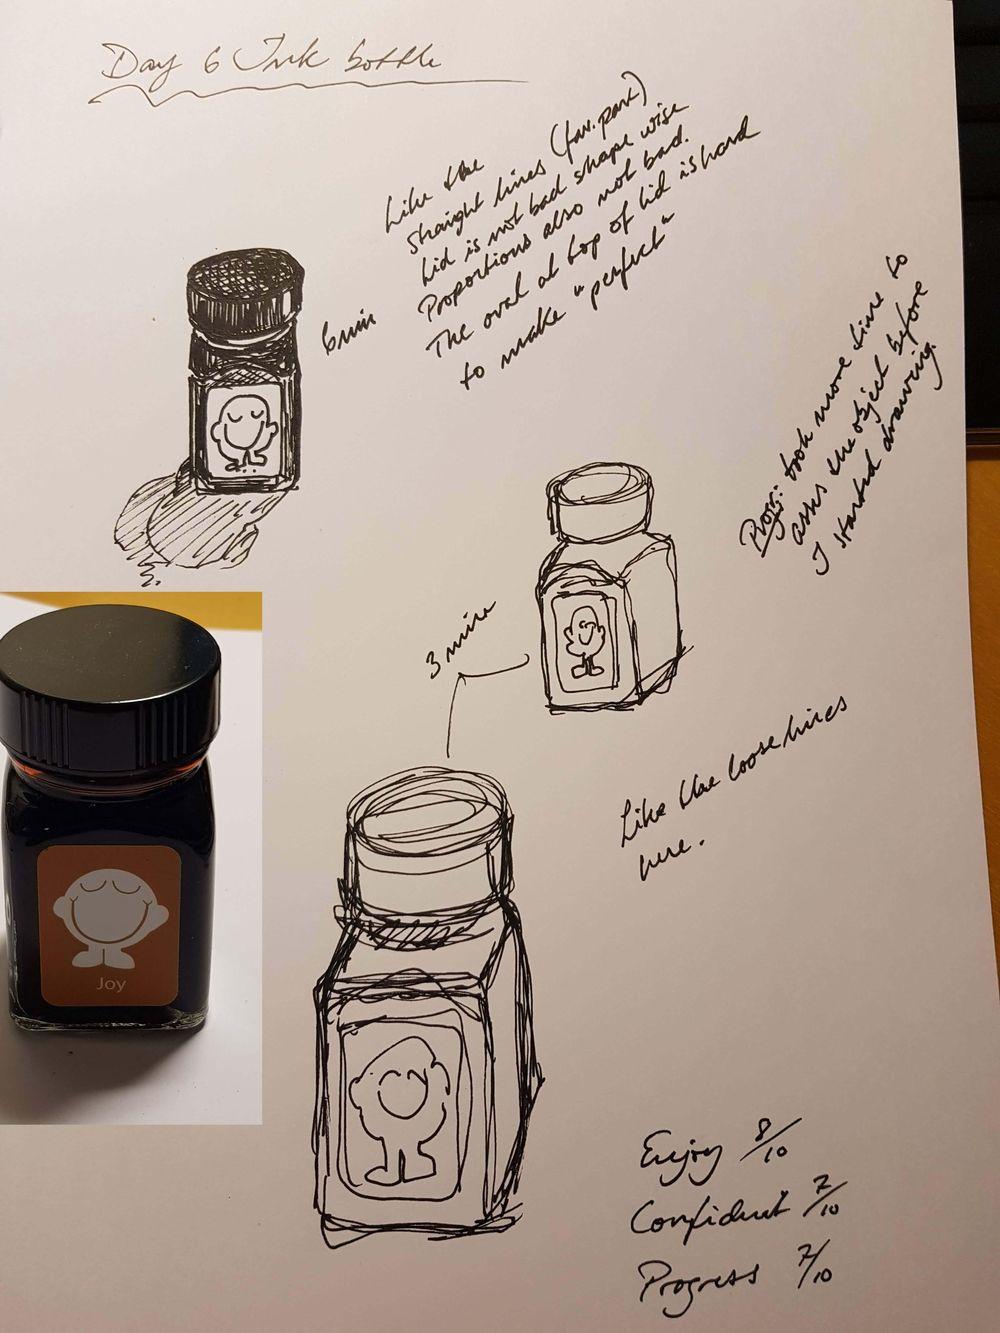 Daglig 6 min 14 dager tegnetrening - image 16 - student project